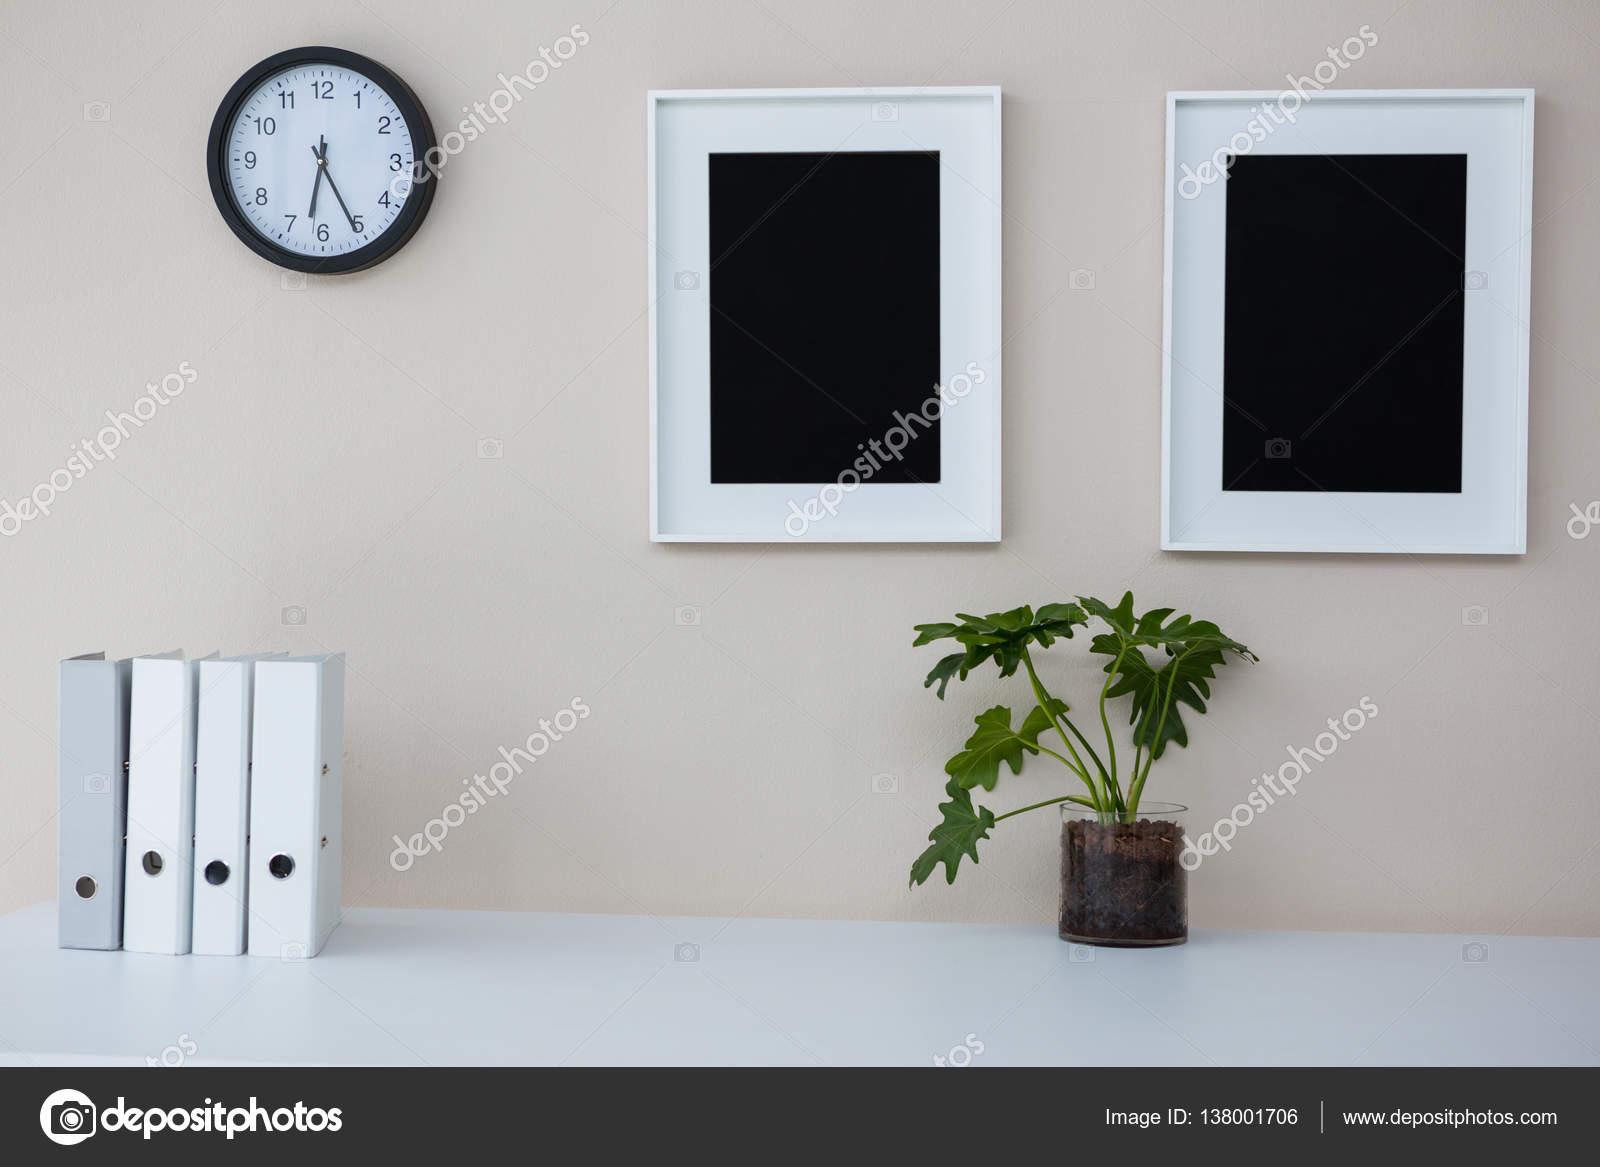 Marcos para fotos y reloj de pared — Foto de stock © Wavebreakmedia ...